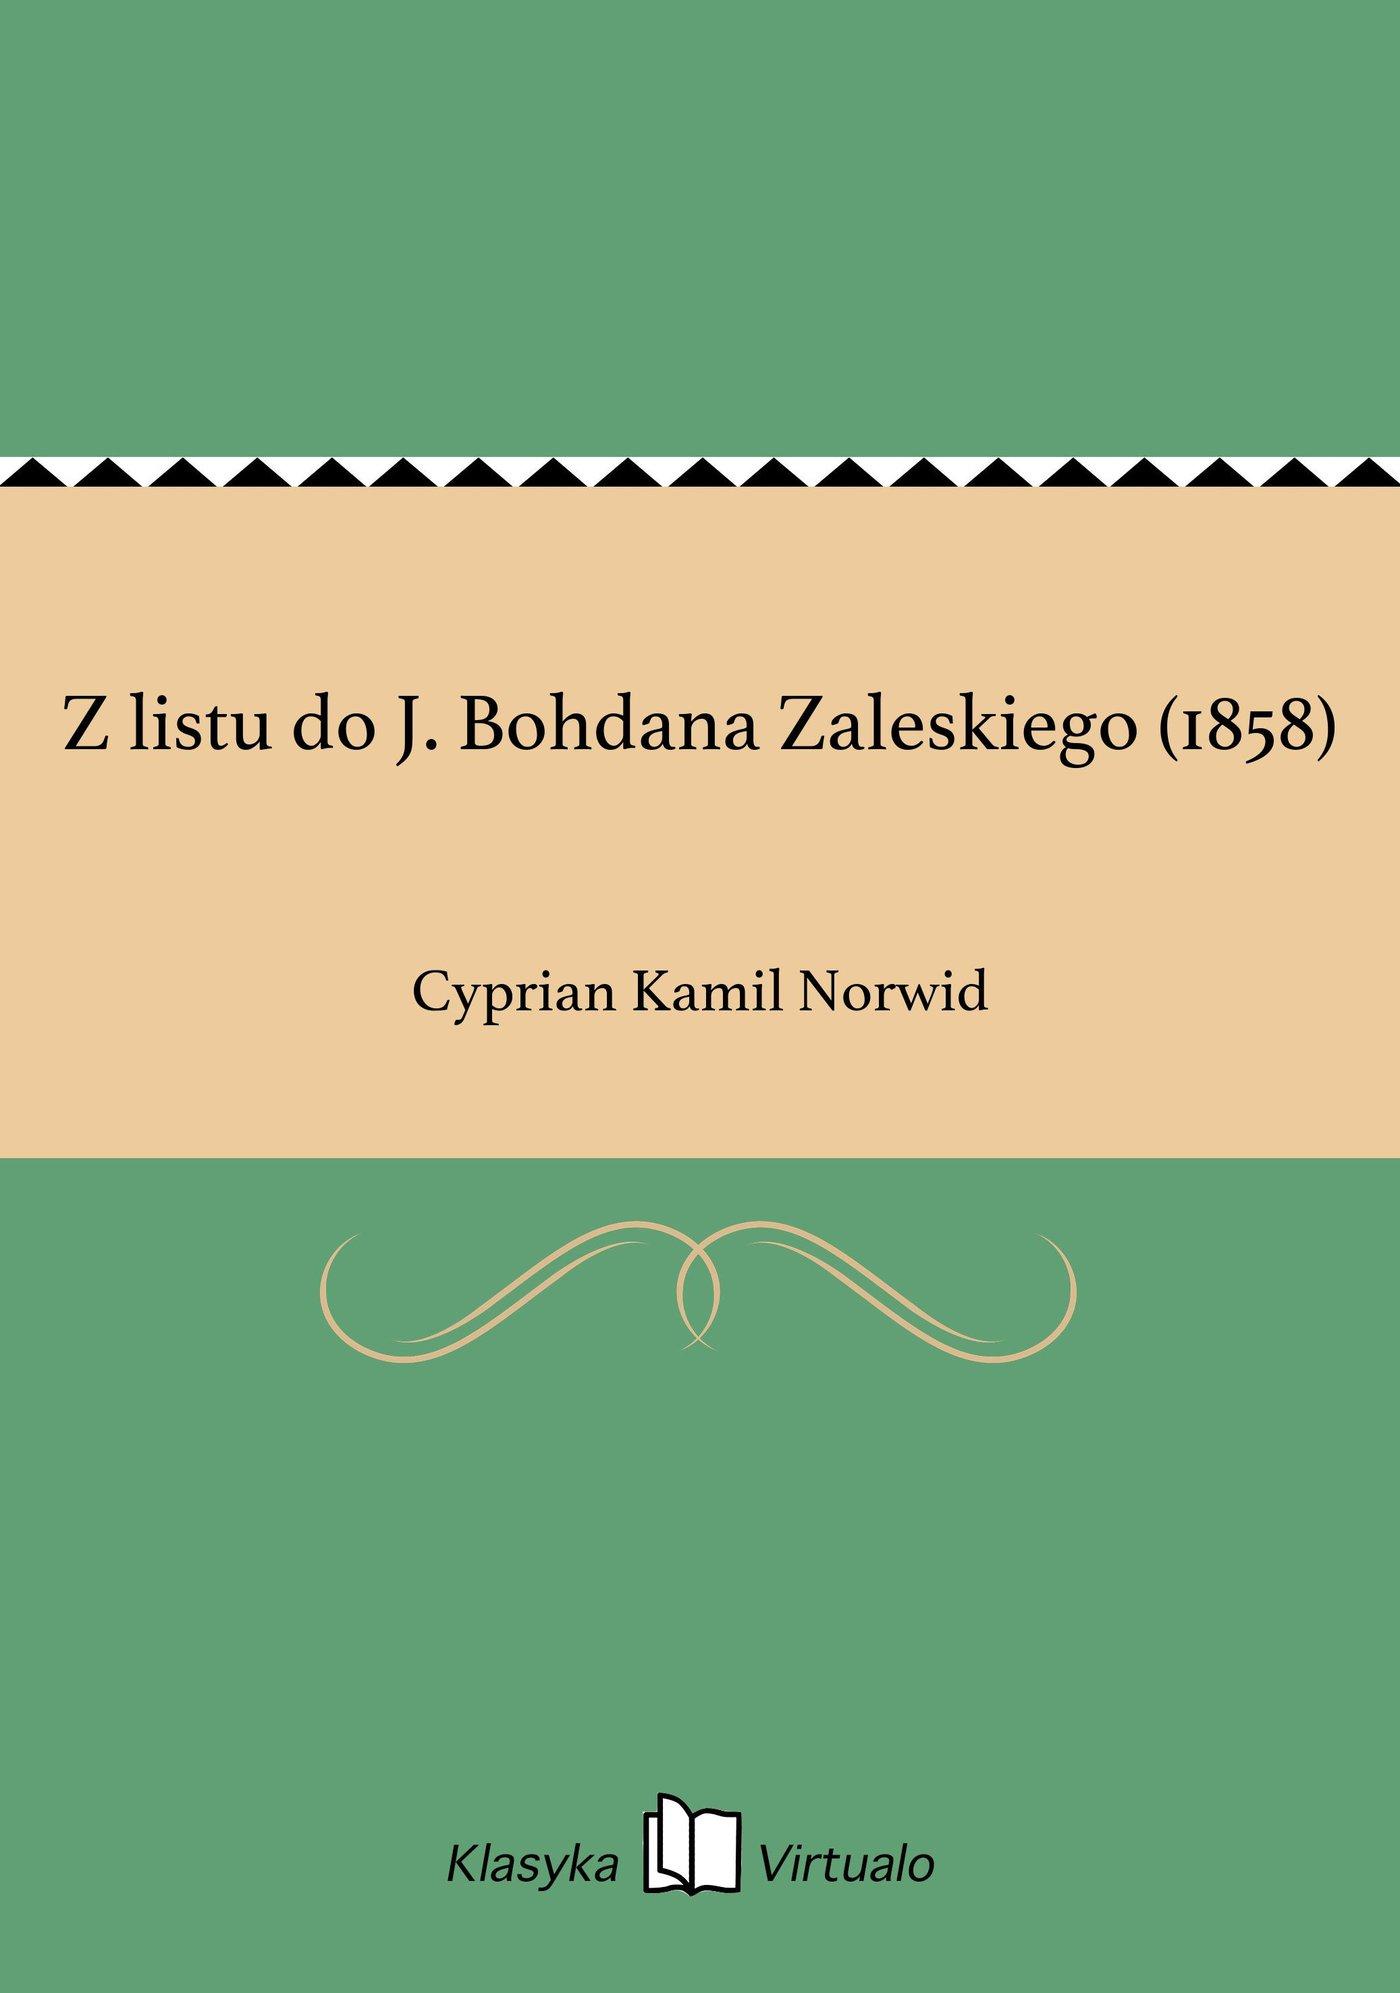 Z listu do J. Bohdana Zaleskiego (1858) - Ebook (Książka EPUB) do pobrania w formacie EPUB